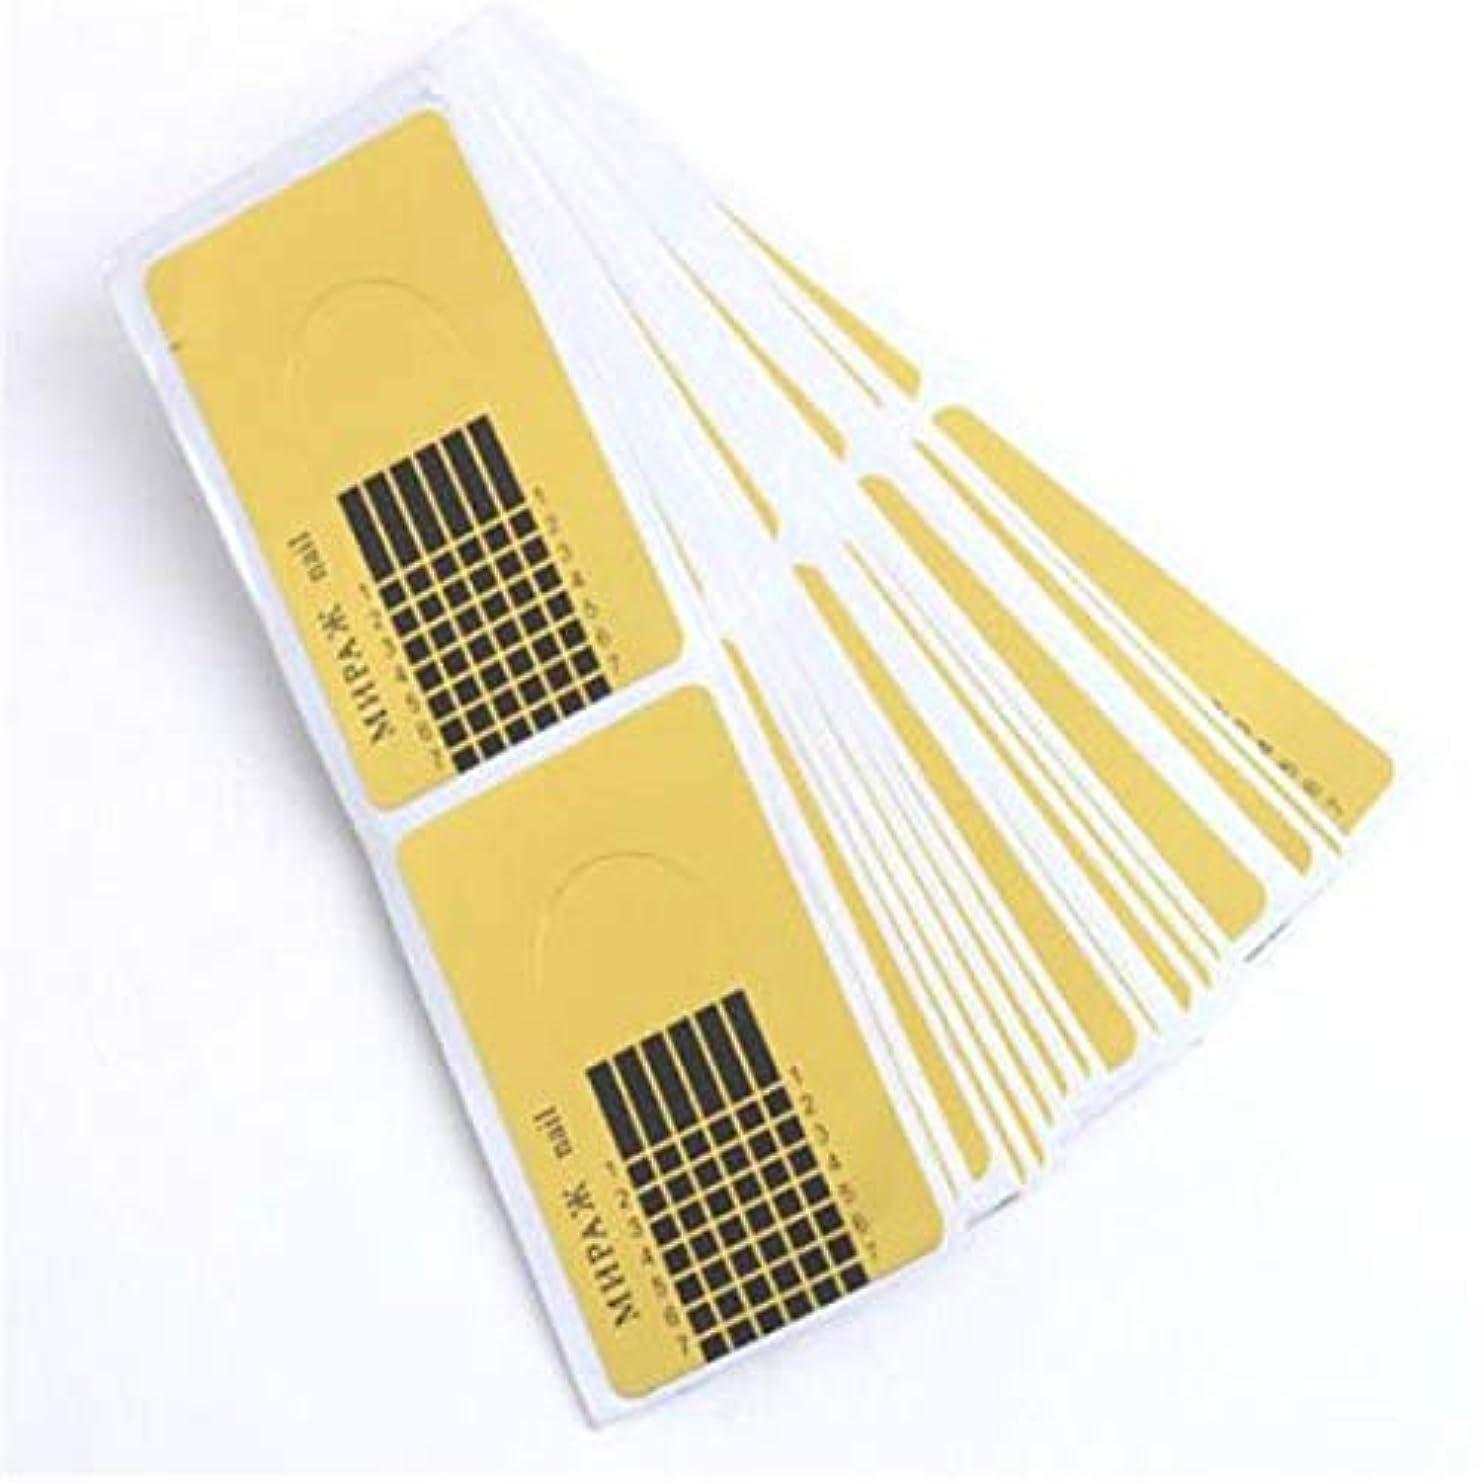 それ臭い入射Wadachikis 信頼性デザイン100個新しいコンセプトゴールド昆虫タイプ指トリートメント爪サポートクリスタル特殊ホルダー(None golden)